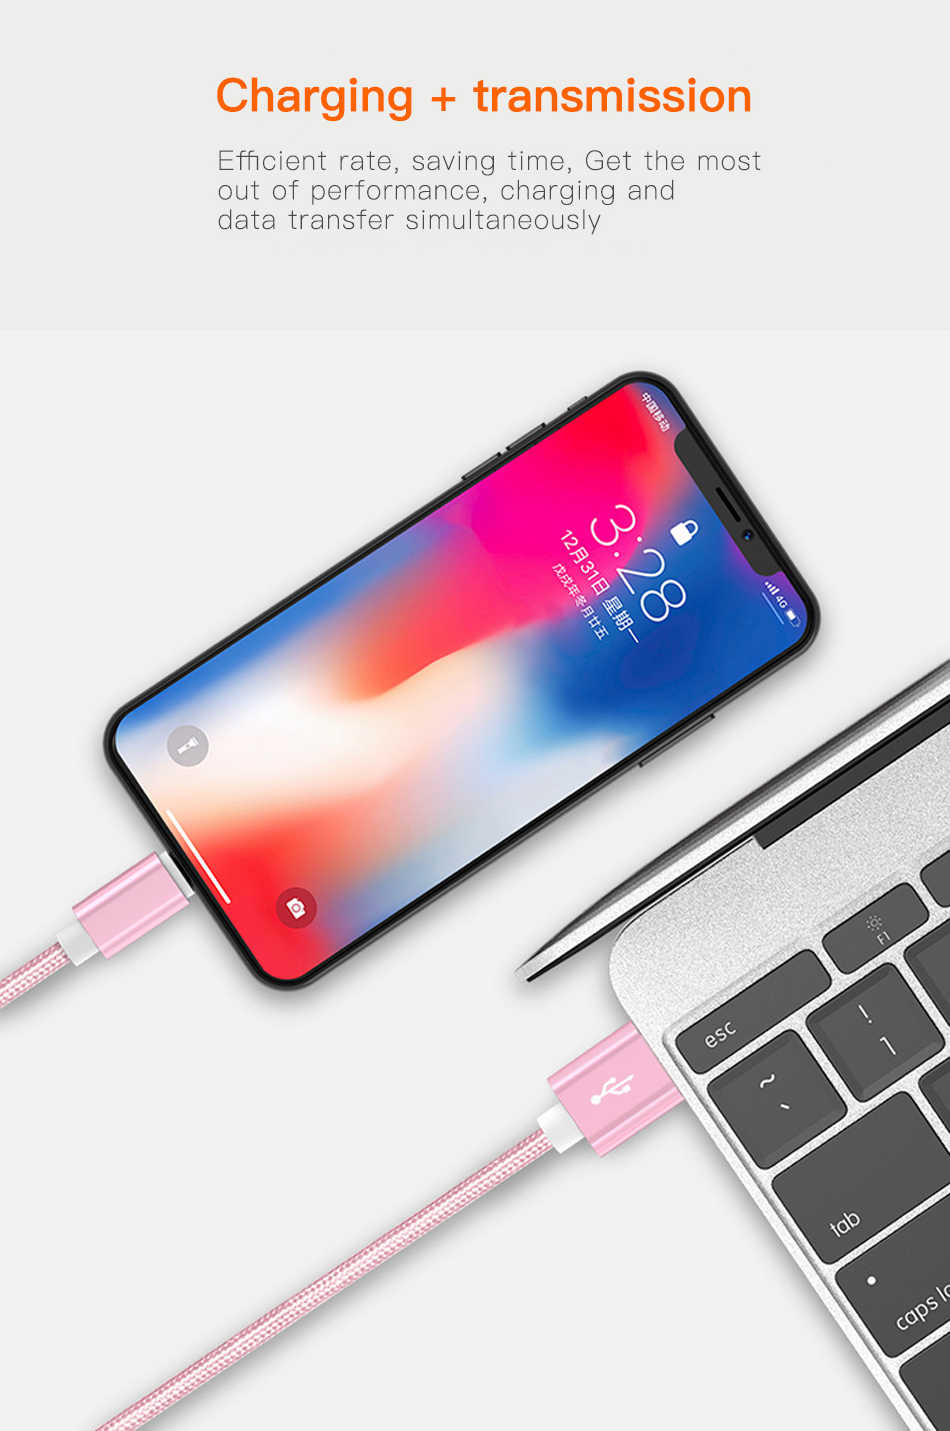 2.4A Cavo USB per iphone 7 Xs MAX 6 plus 7 6s X 5 se ipad 2 mini USB di Ricarica Veloce di Dati cavo del cavo 8 Spille apple iphone cavi